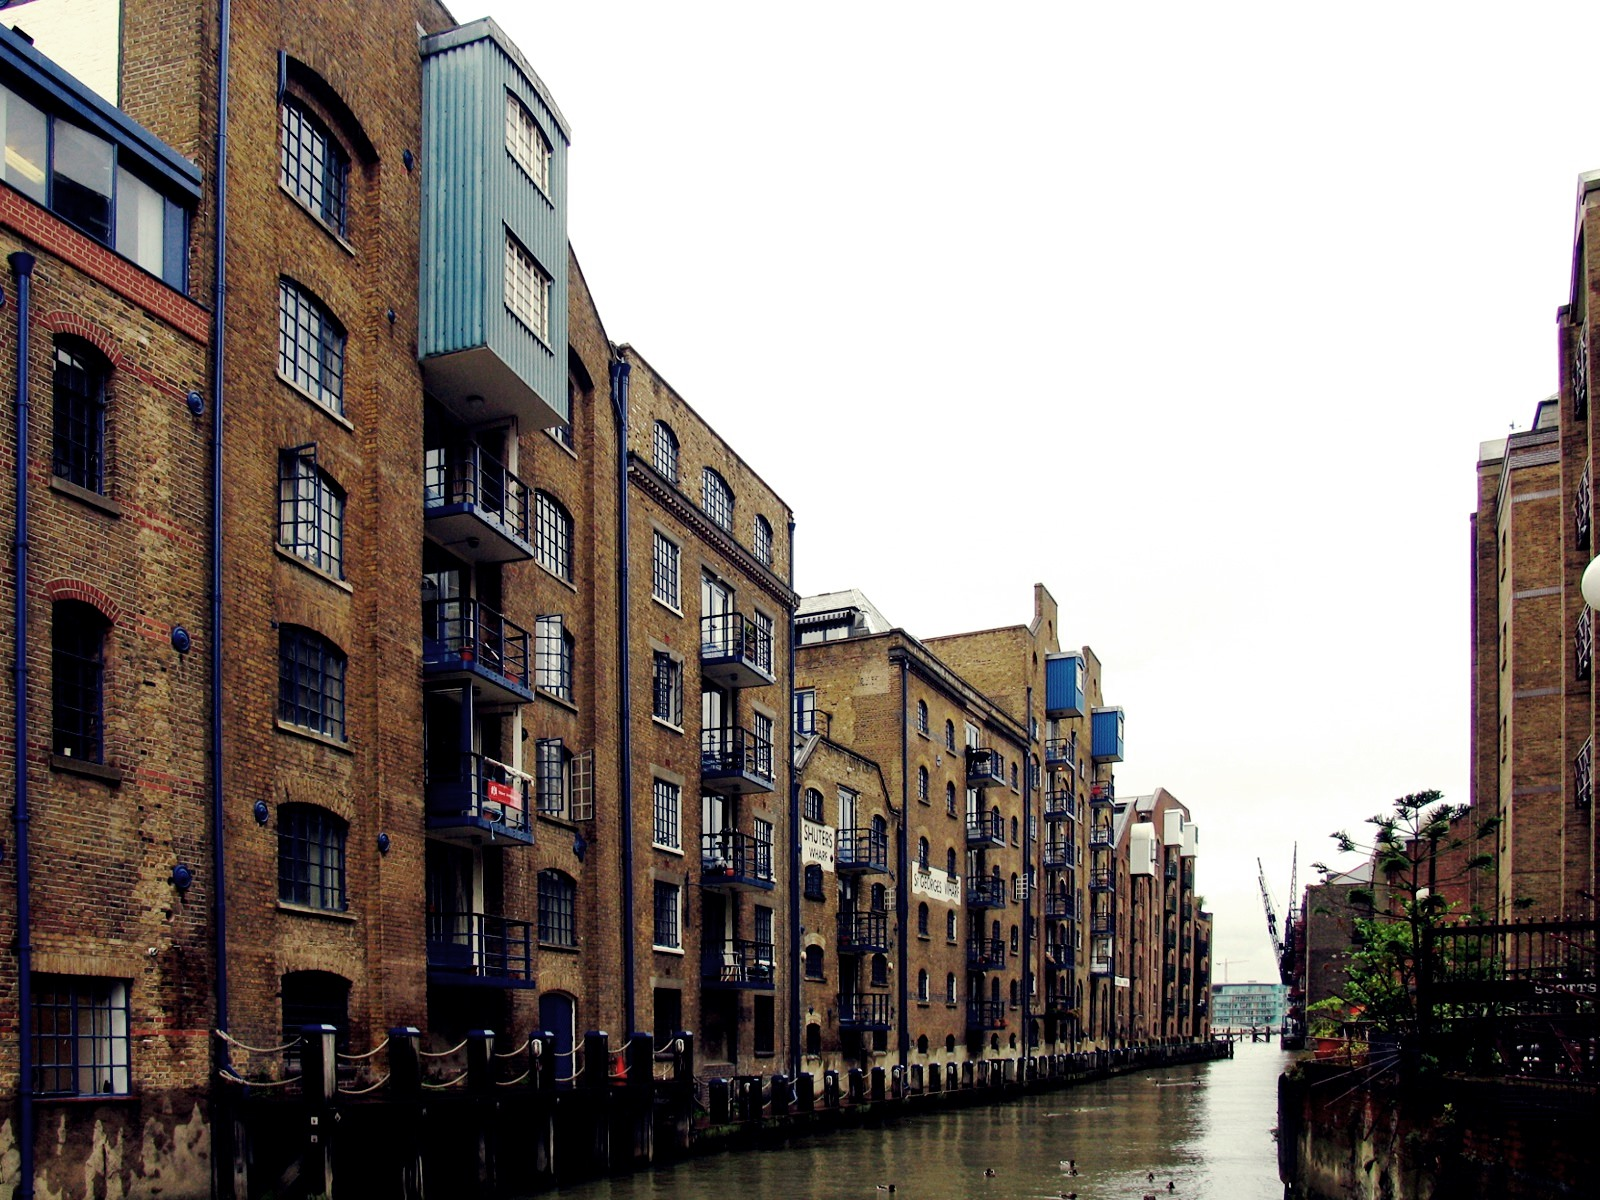 londonarchitecturedetails_G1_cinema.jpg